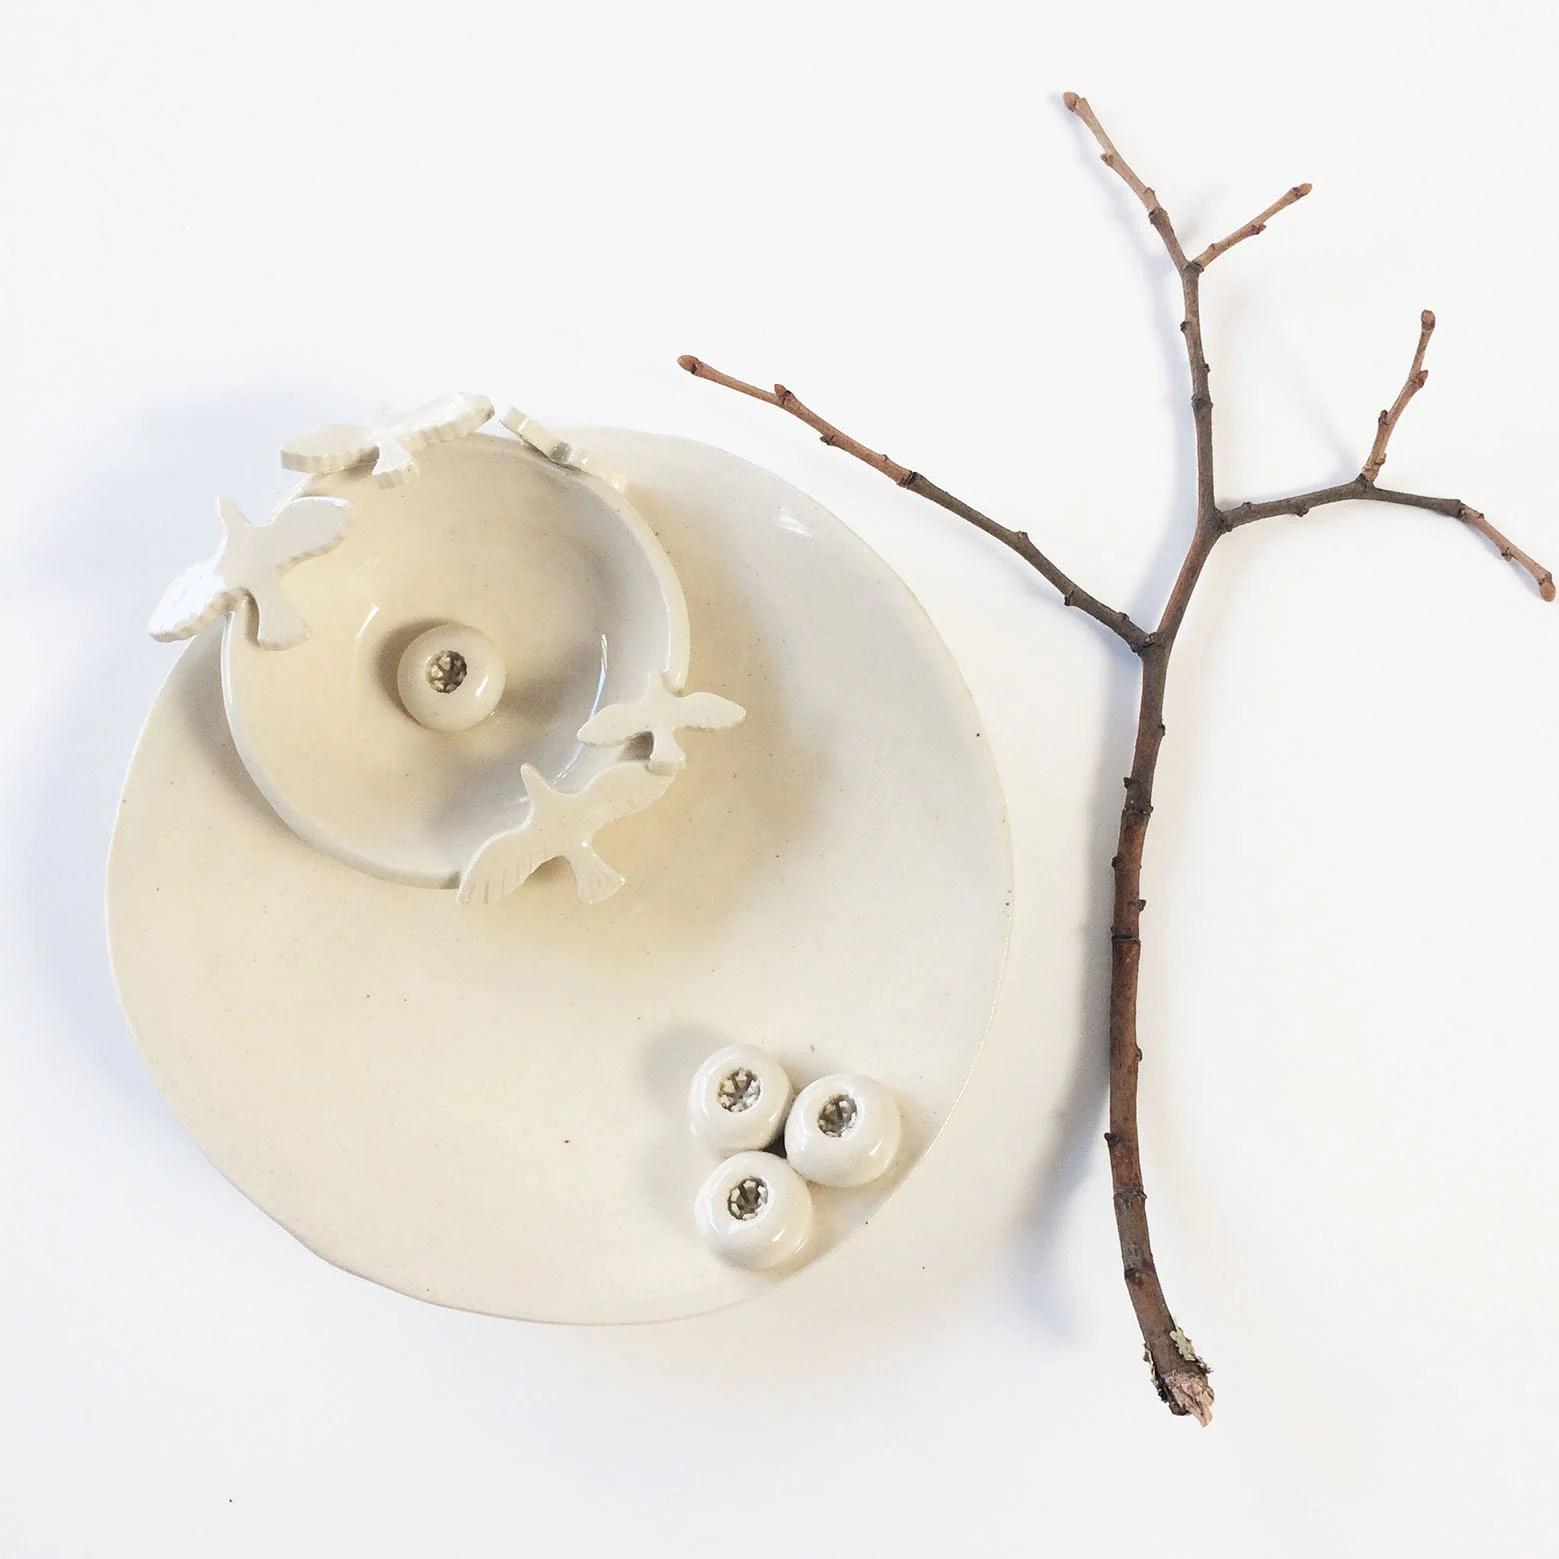 Birds And Nests Ceramic Plate Cozy Home Decor